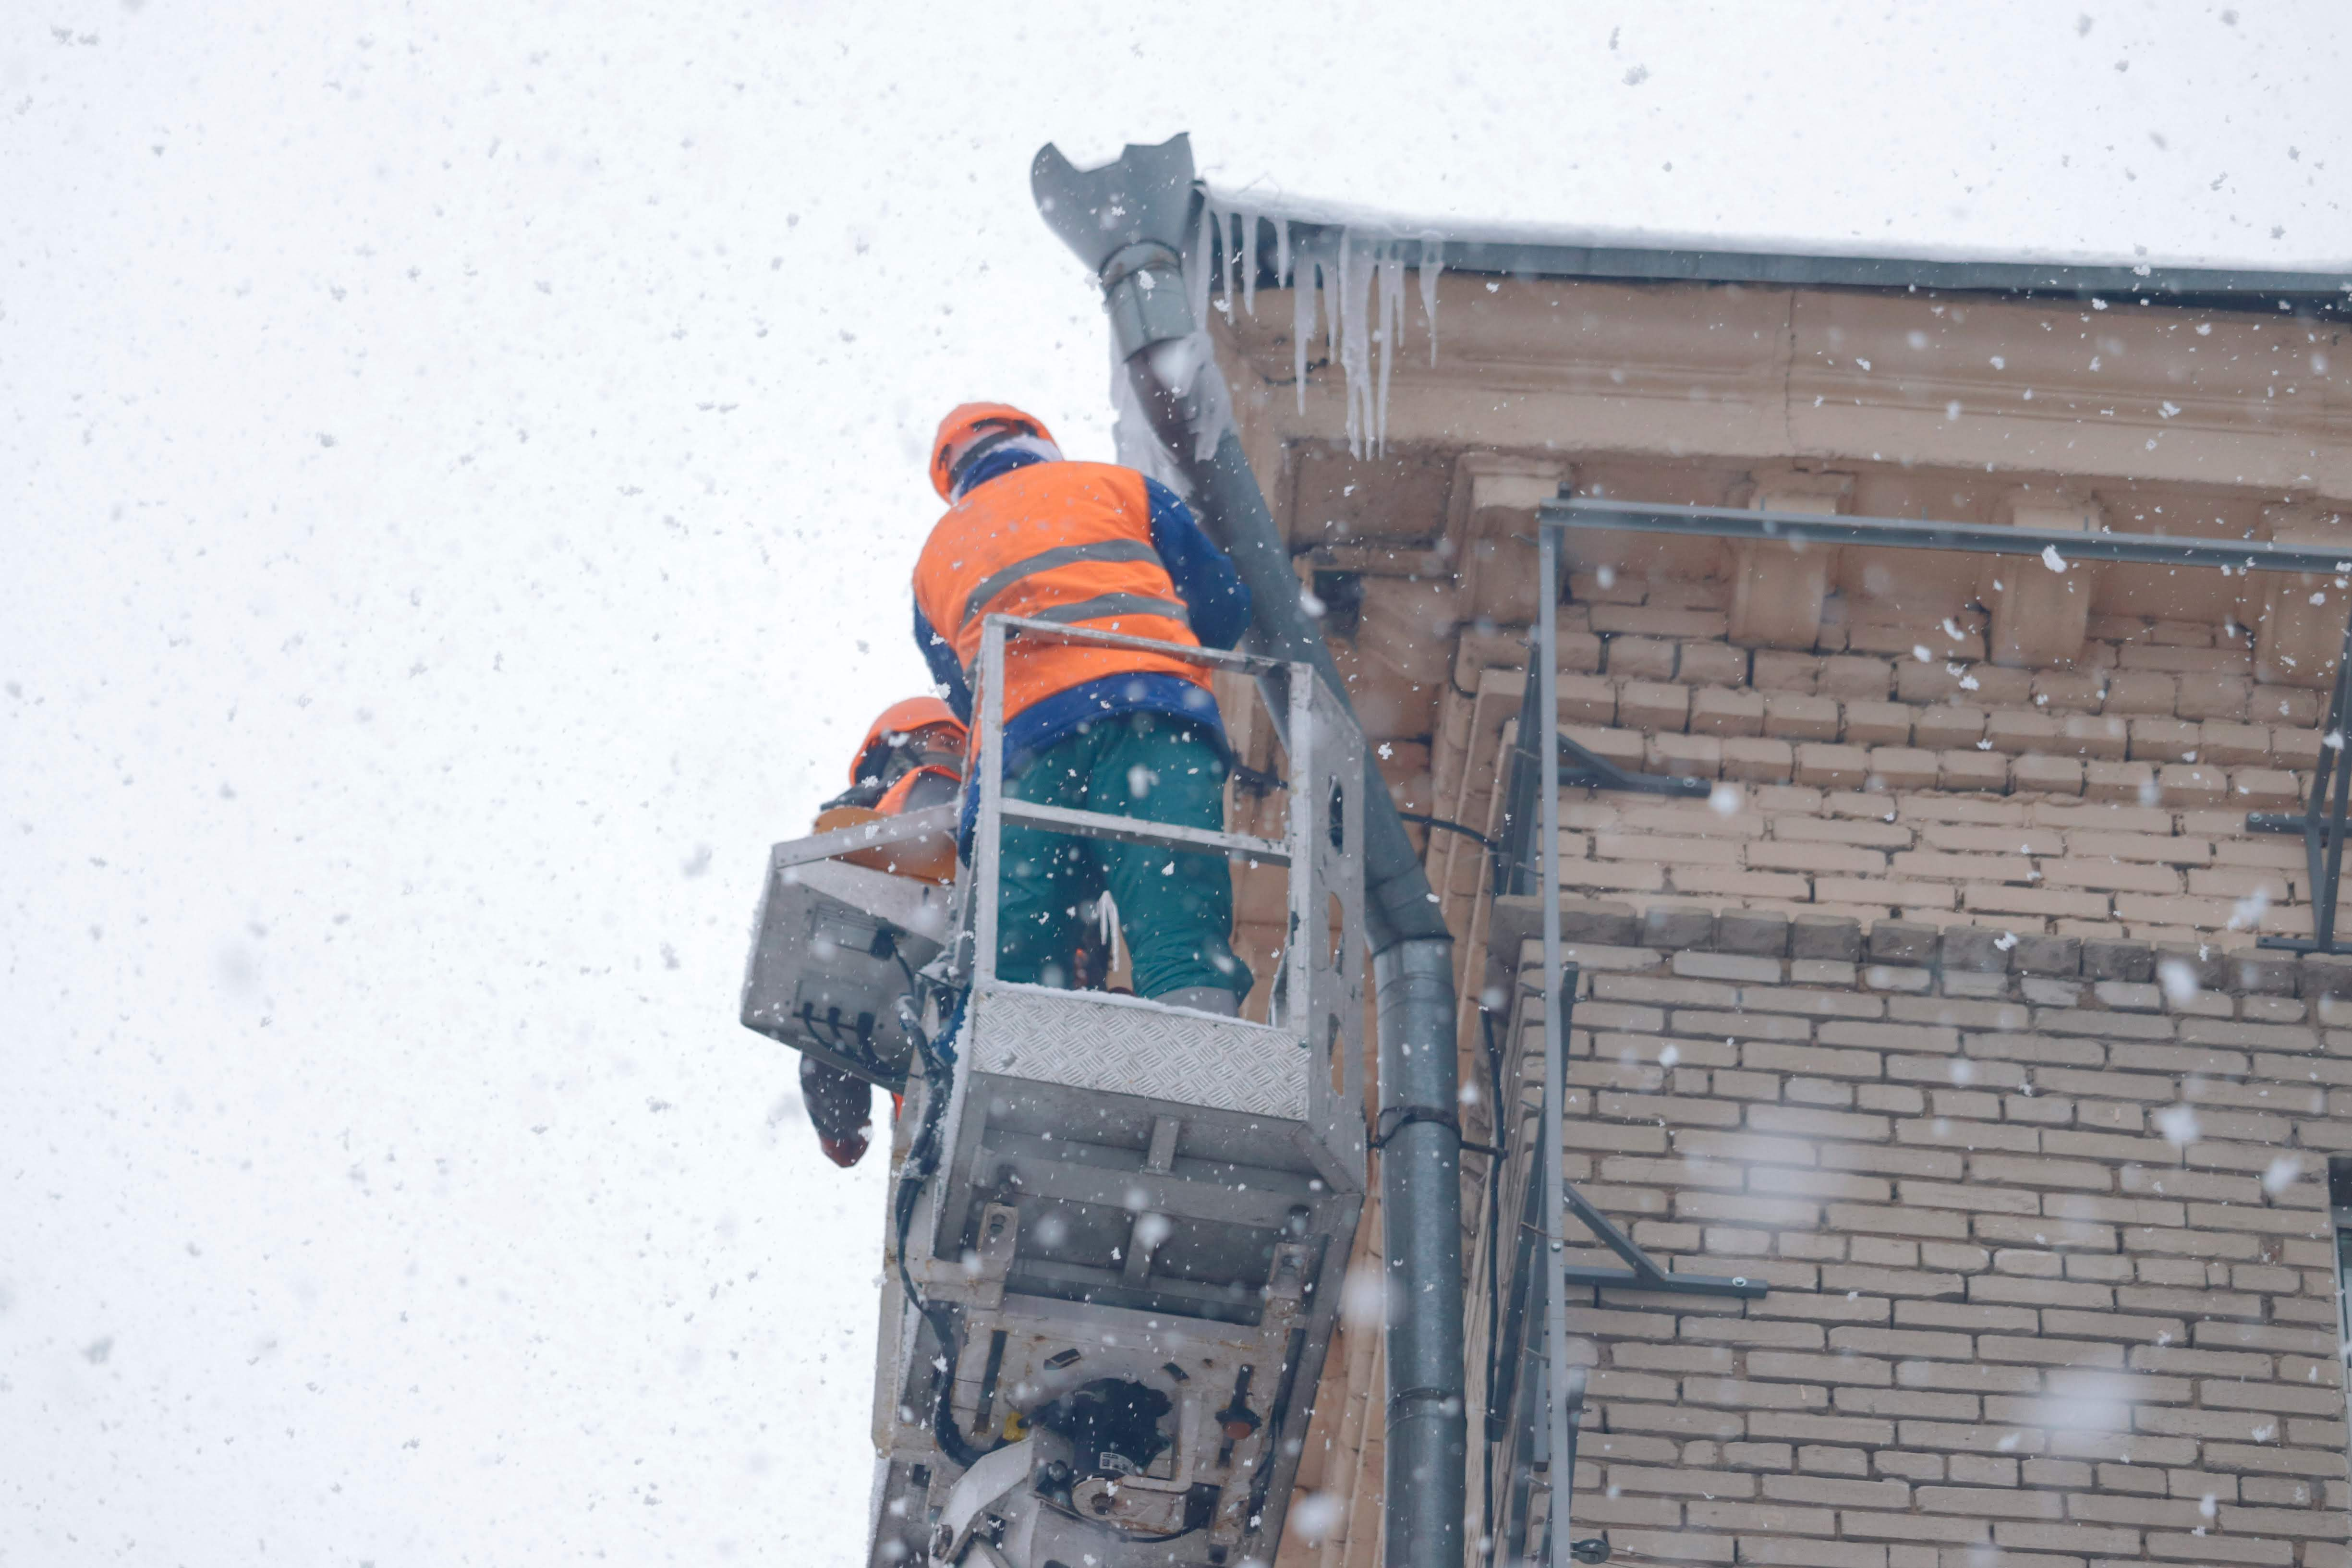 В мэрии Днепра призвали водителей не оставлять автомобили возле домов, чтобы спецтехника могла убрать сосульки с крыш